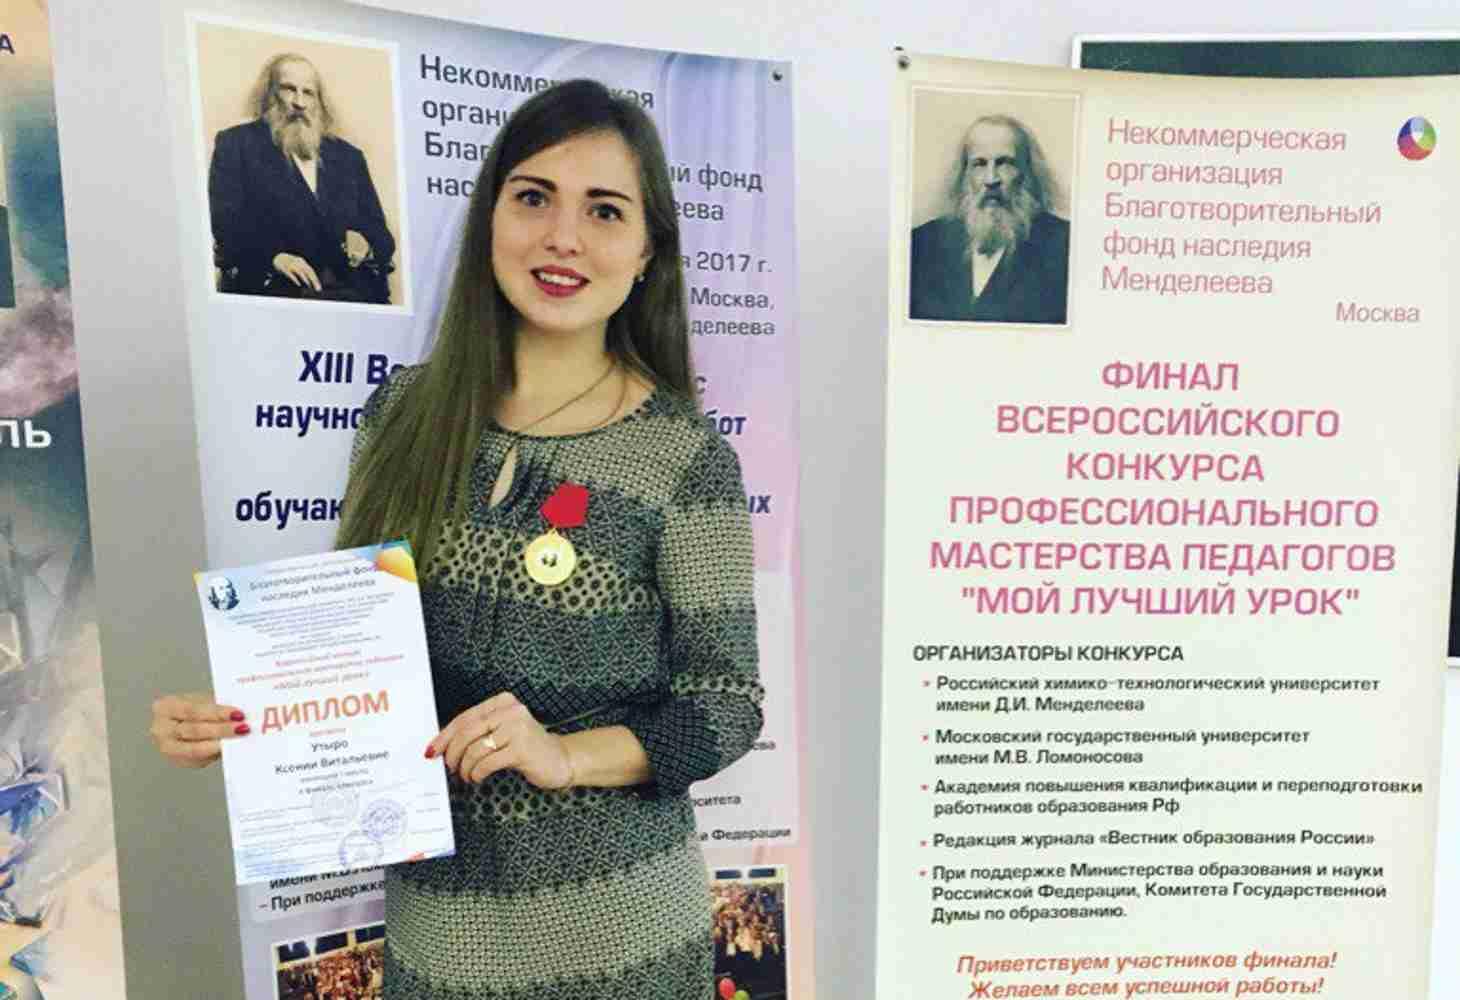 Педагог из карельской глубинки победила во Всероссийском конкурсе